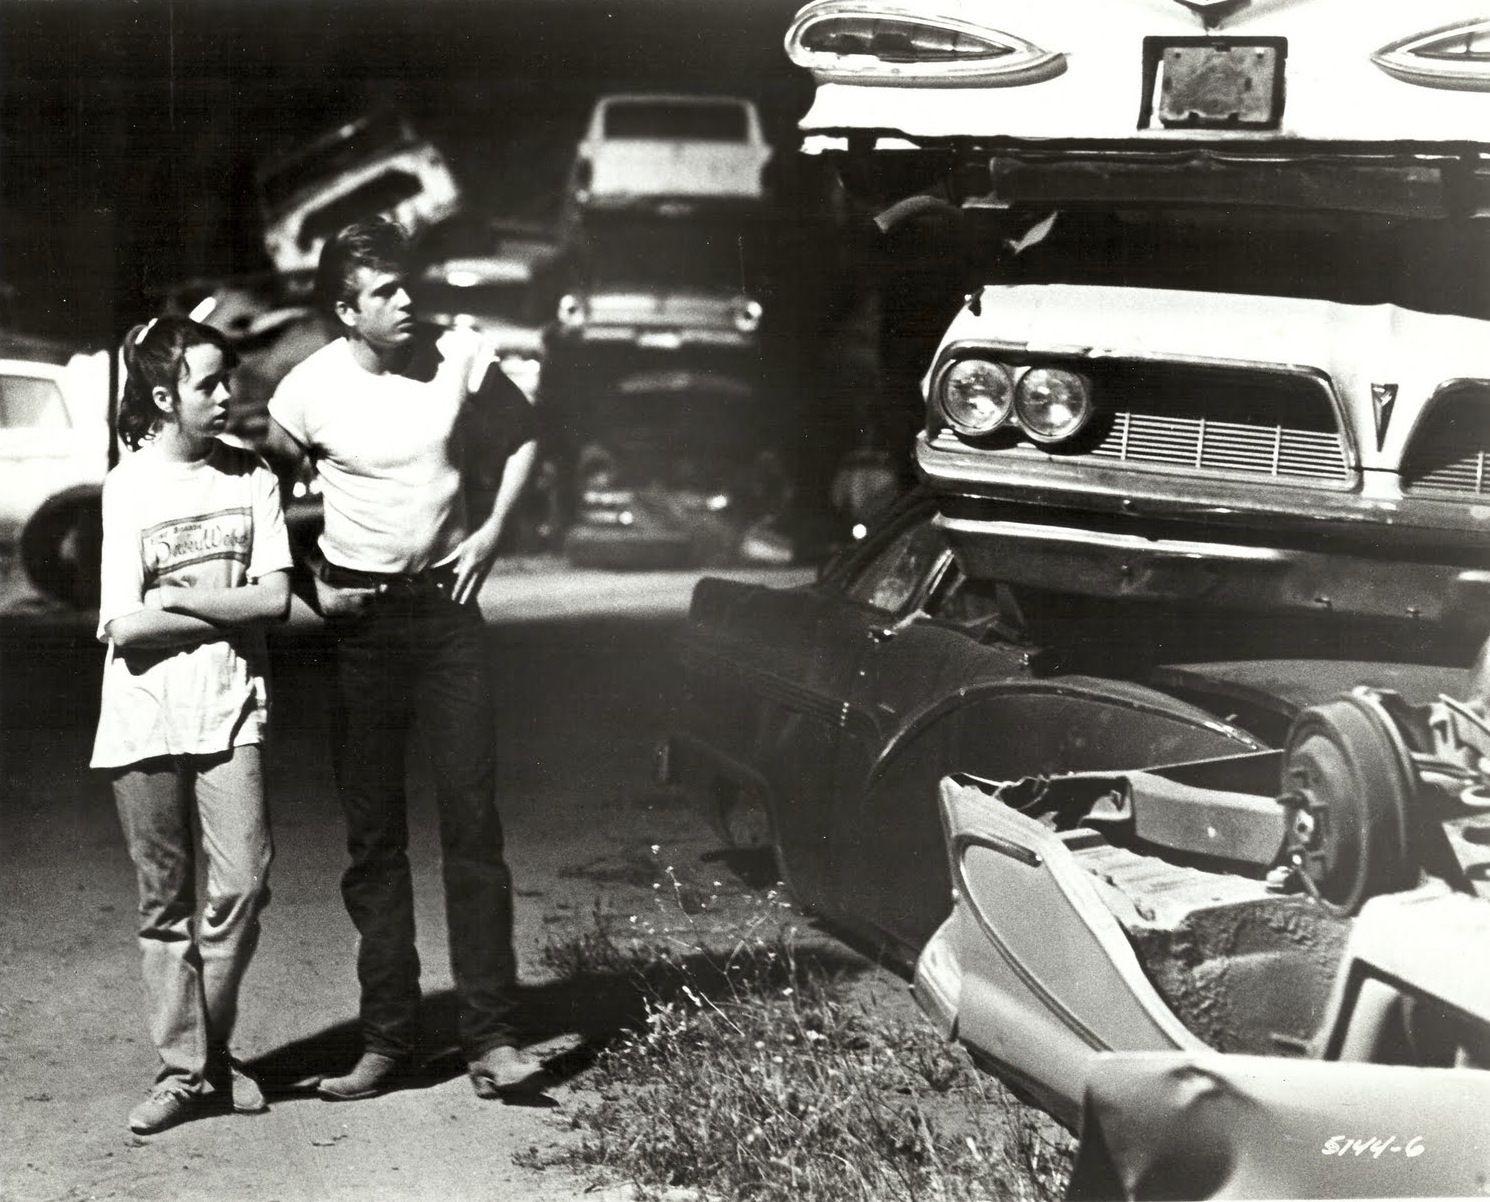 American grafitti - 45 Best American Graffiti Images On Pinterest American Graffiti Movie Cars And Cars